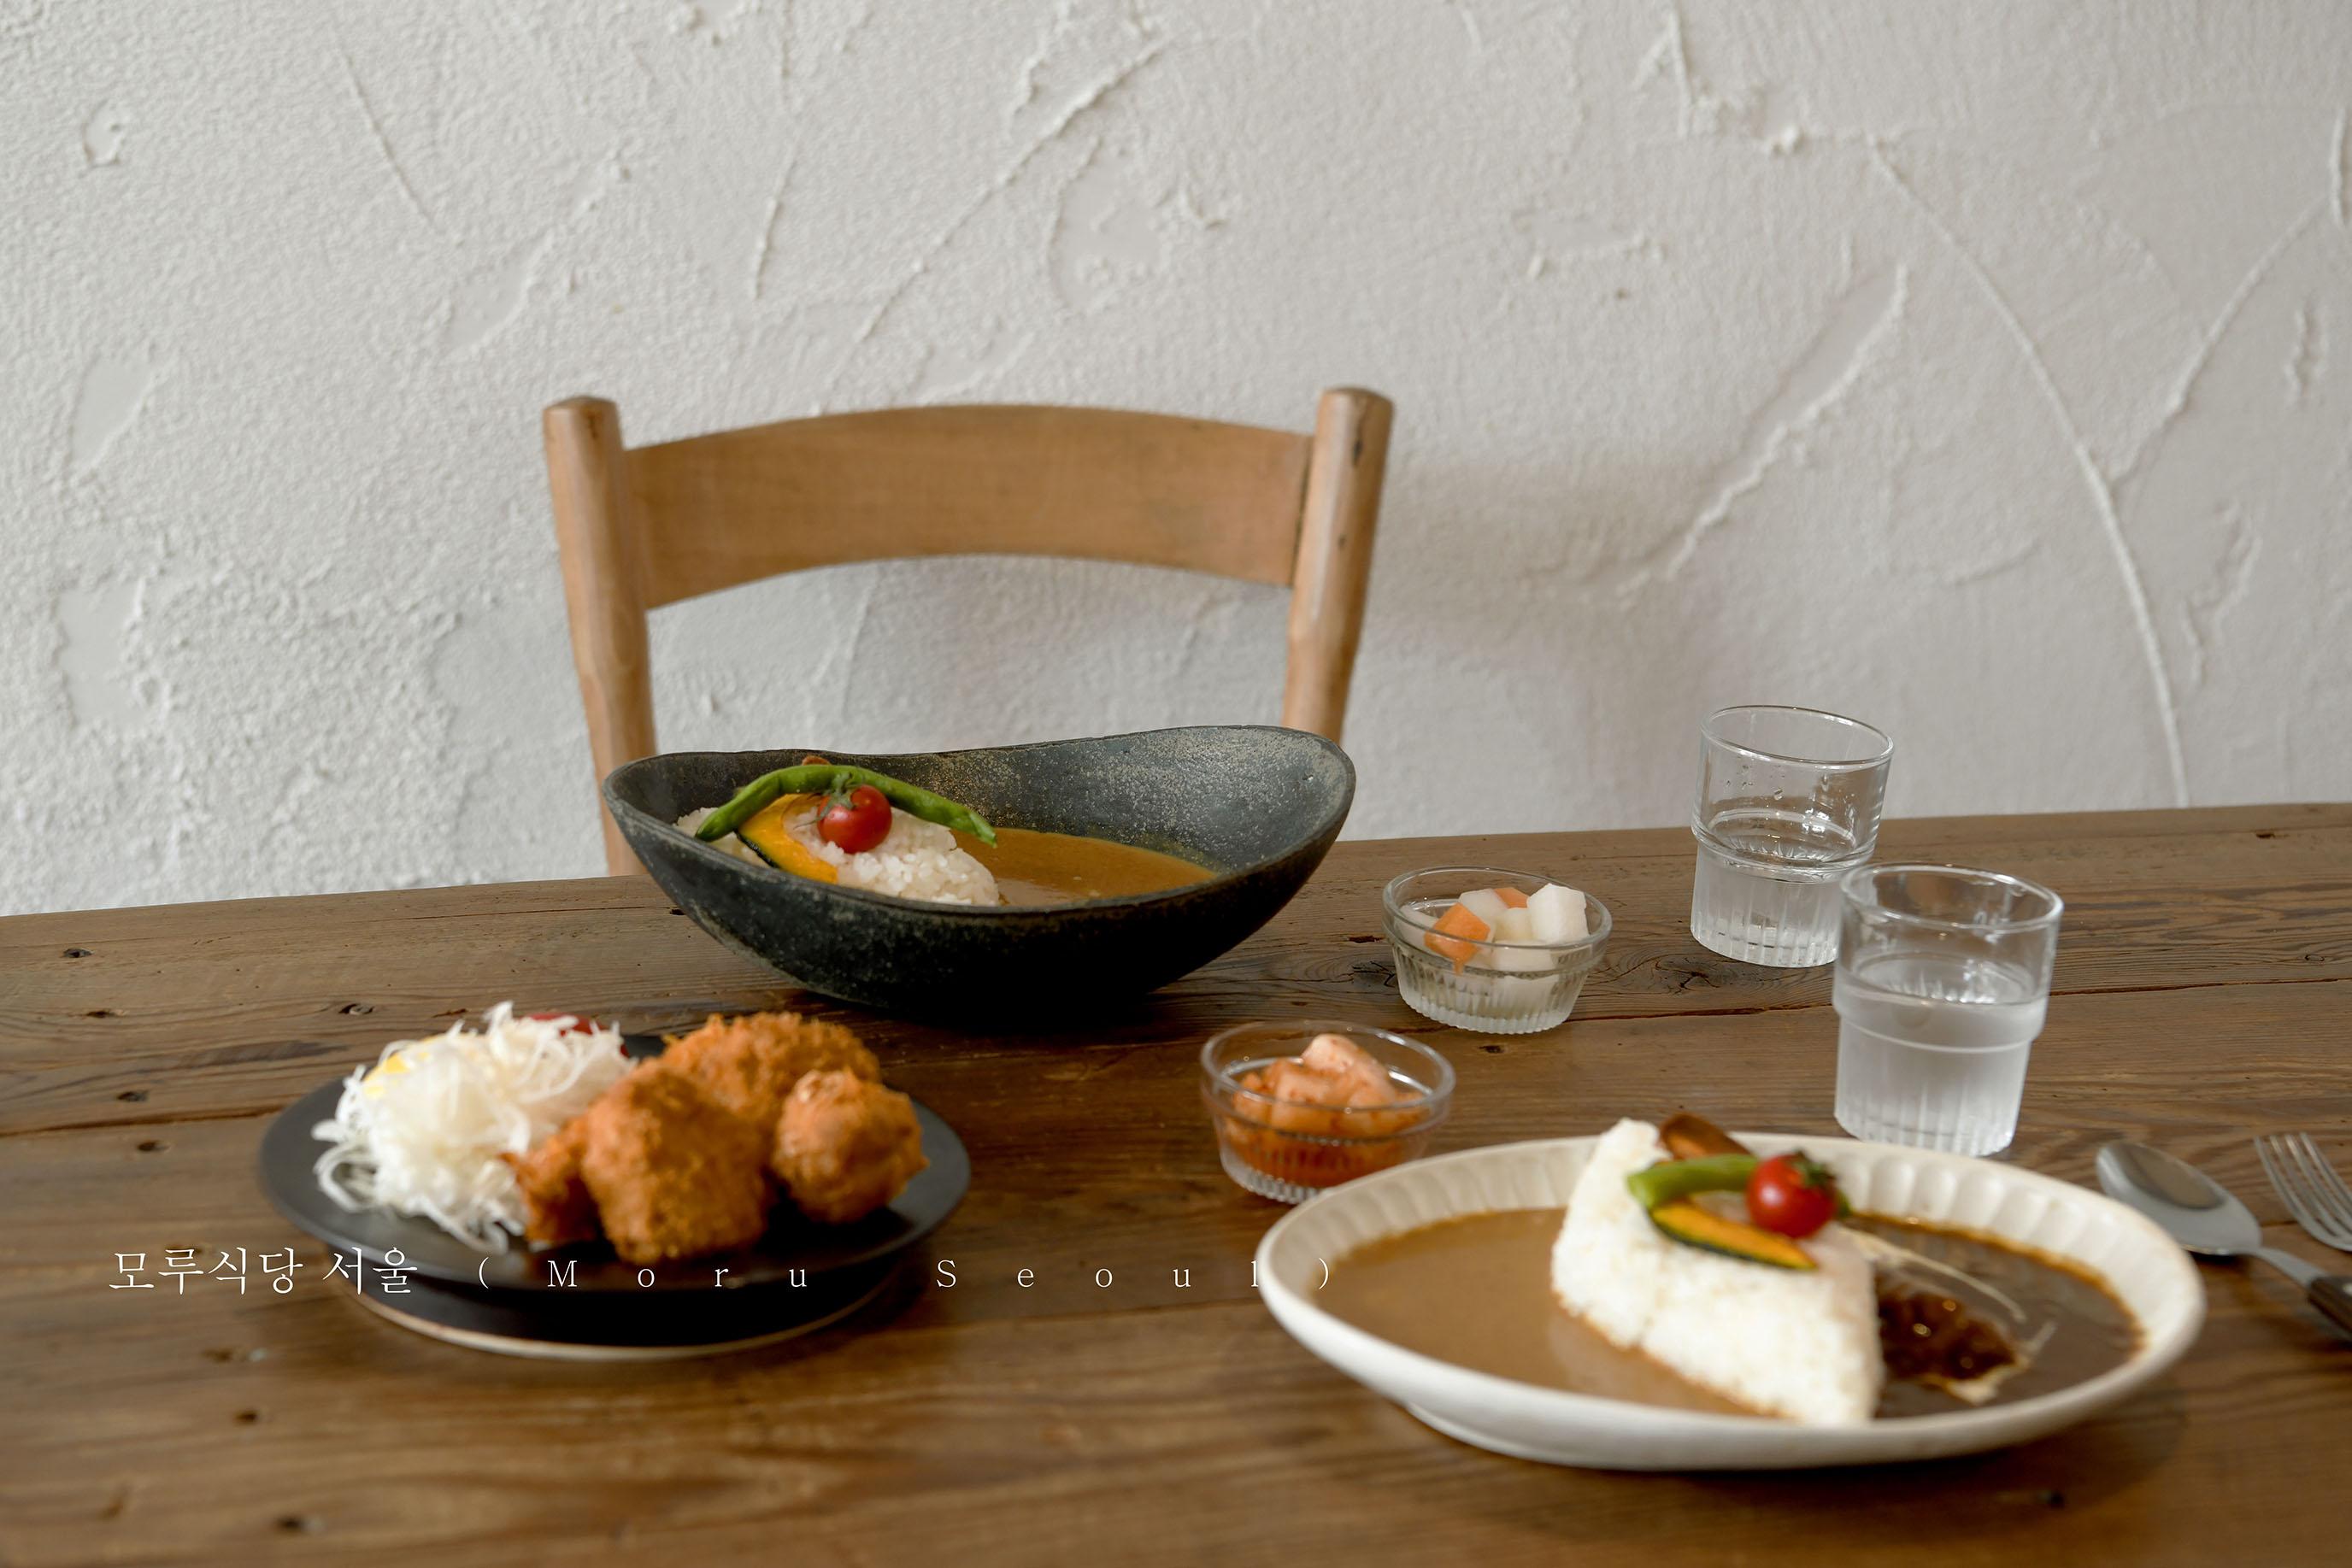 網站近期文章:首爾市裡,有一間裝滿溫暖幸福的咖哩食堂|Moru Seoul